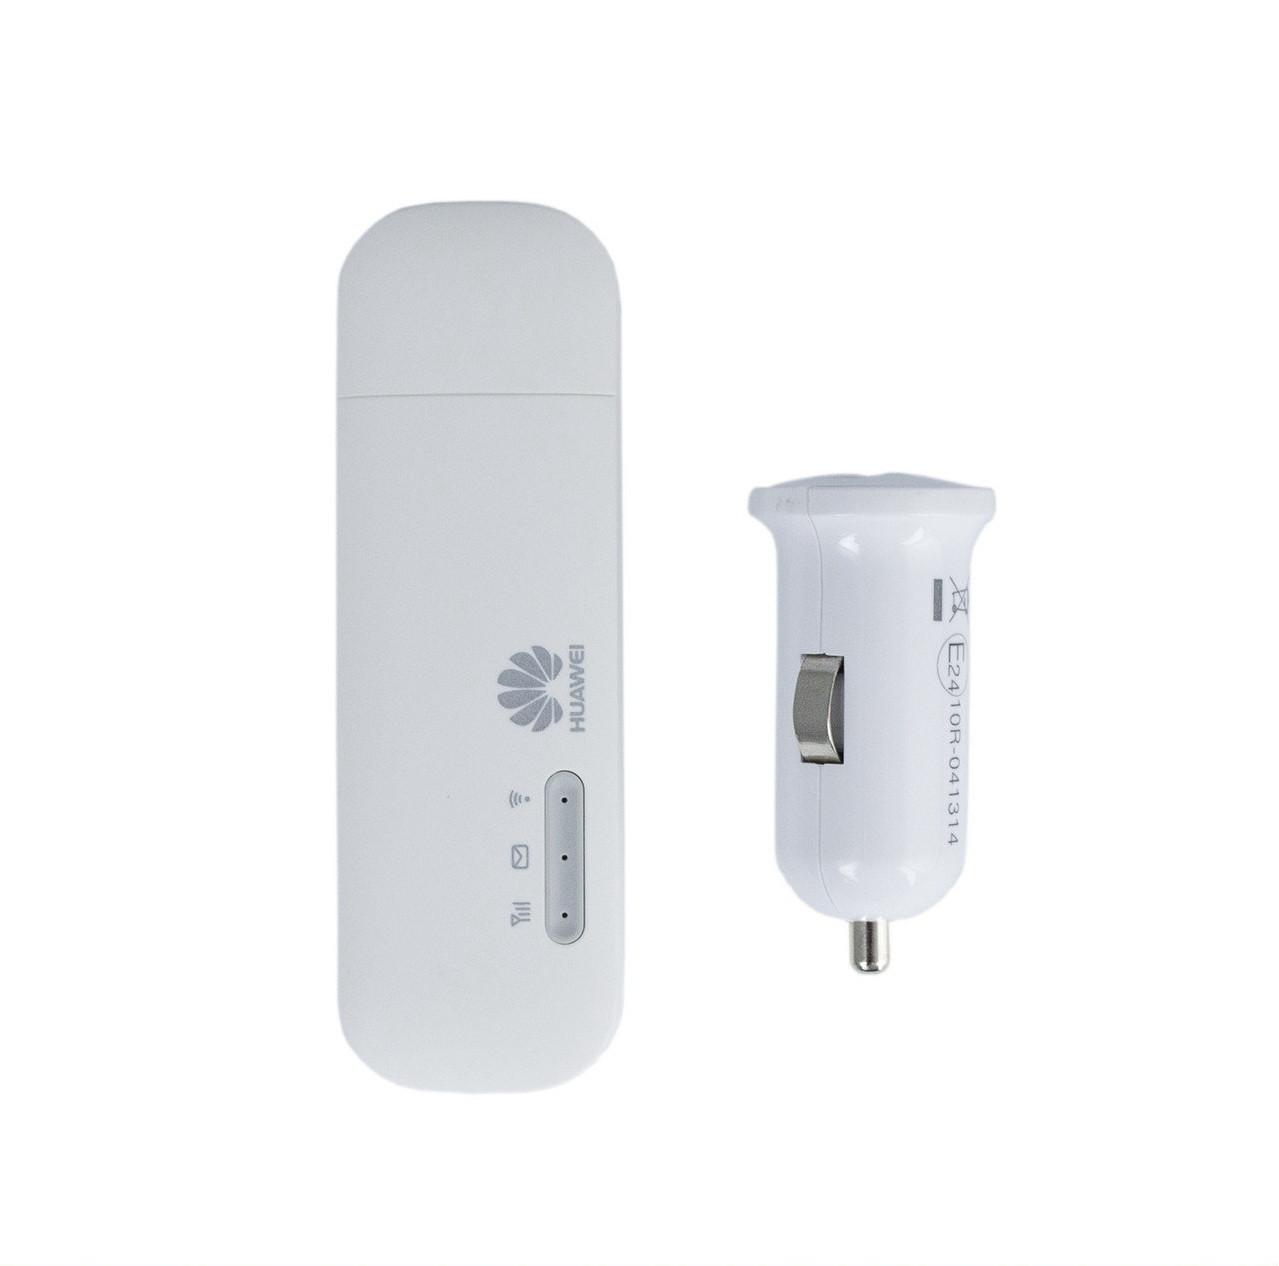 Huawei E8372h-153 + АЗУ Huawei